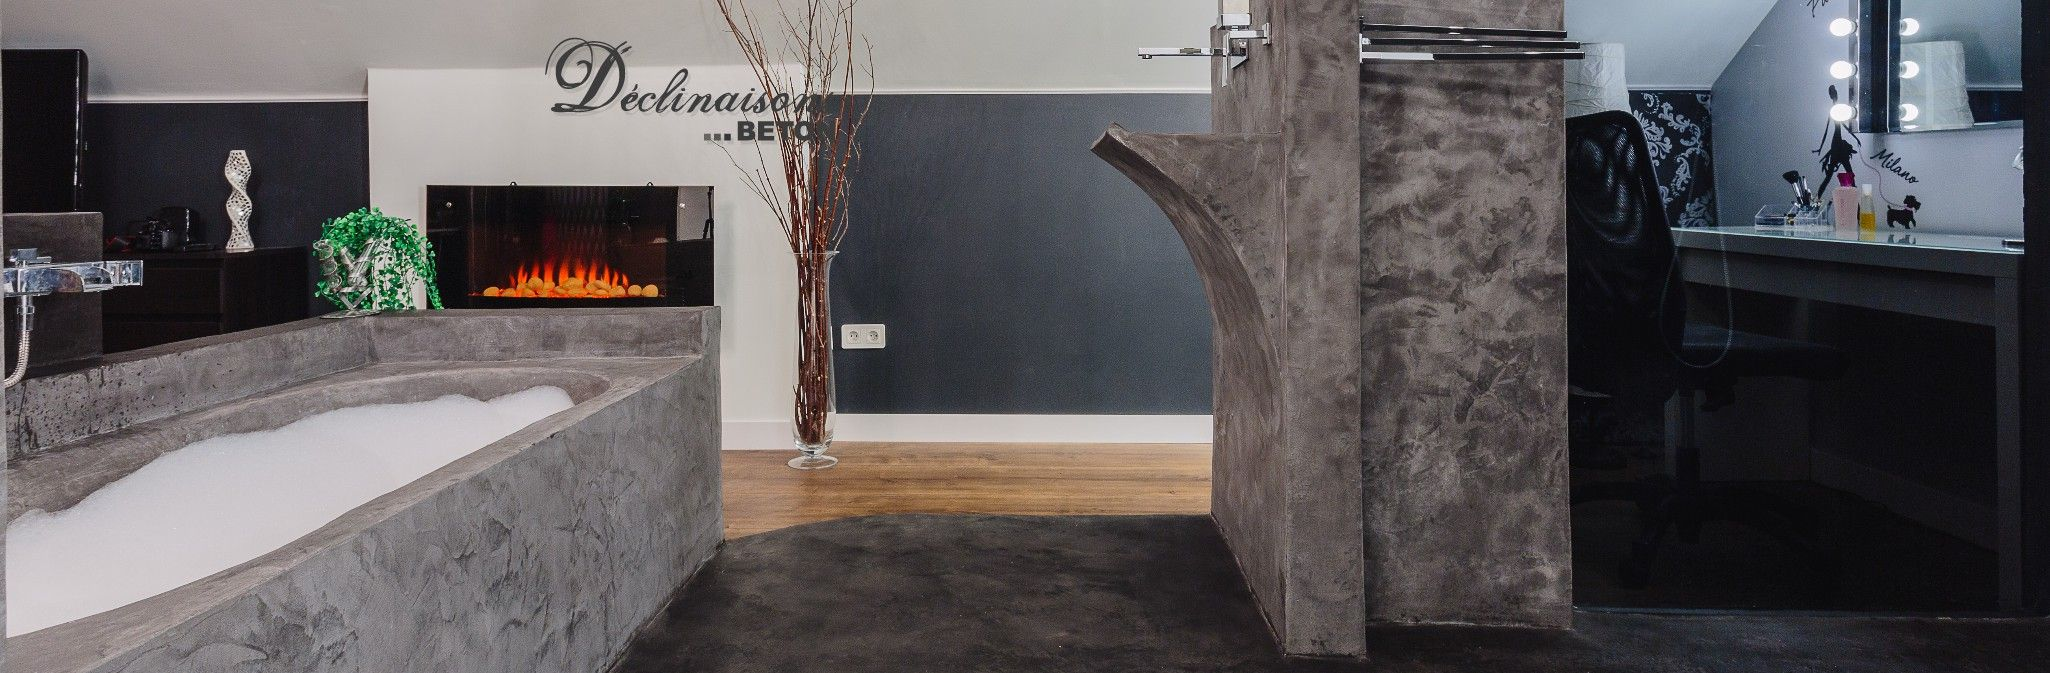 Salle De Bain En Mortex vue salle de bain en mortex. baignoir et �vier en mortex.